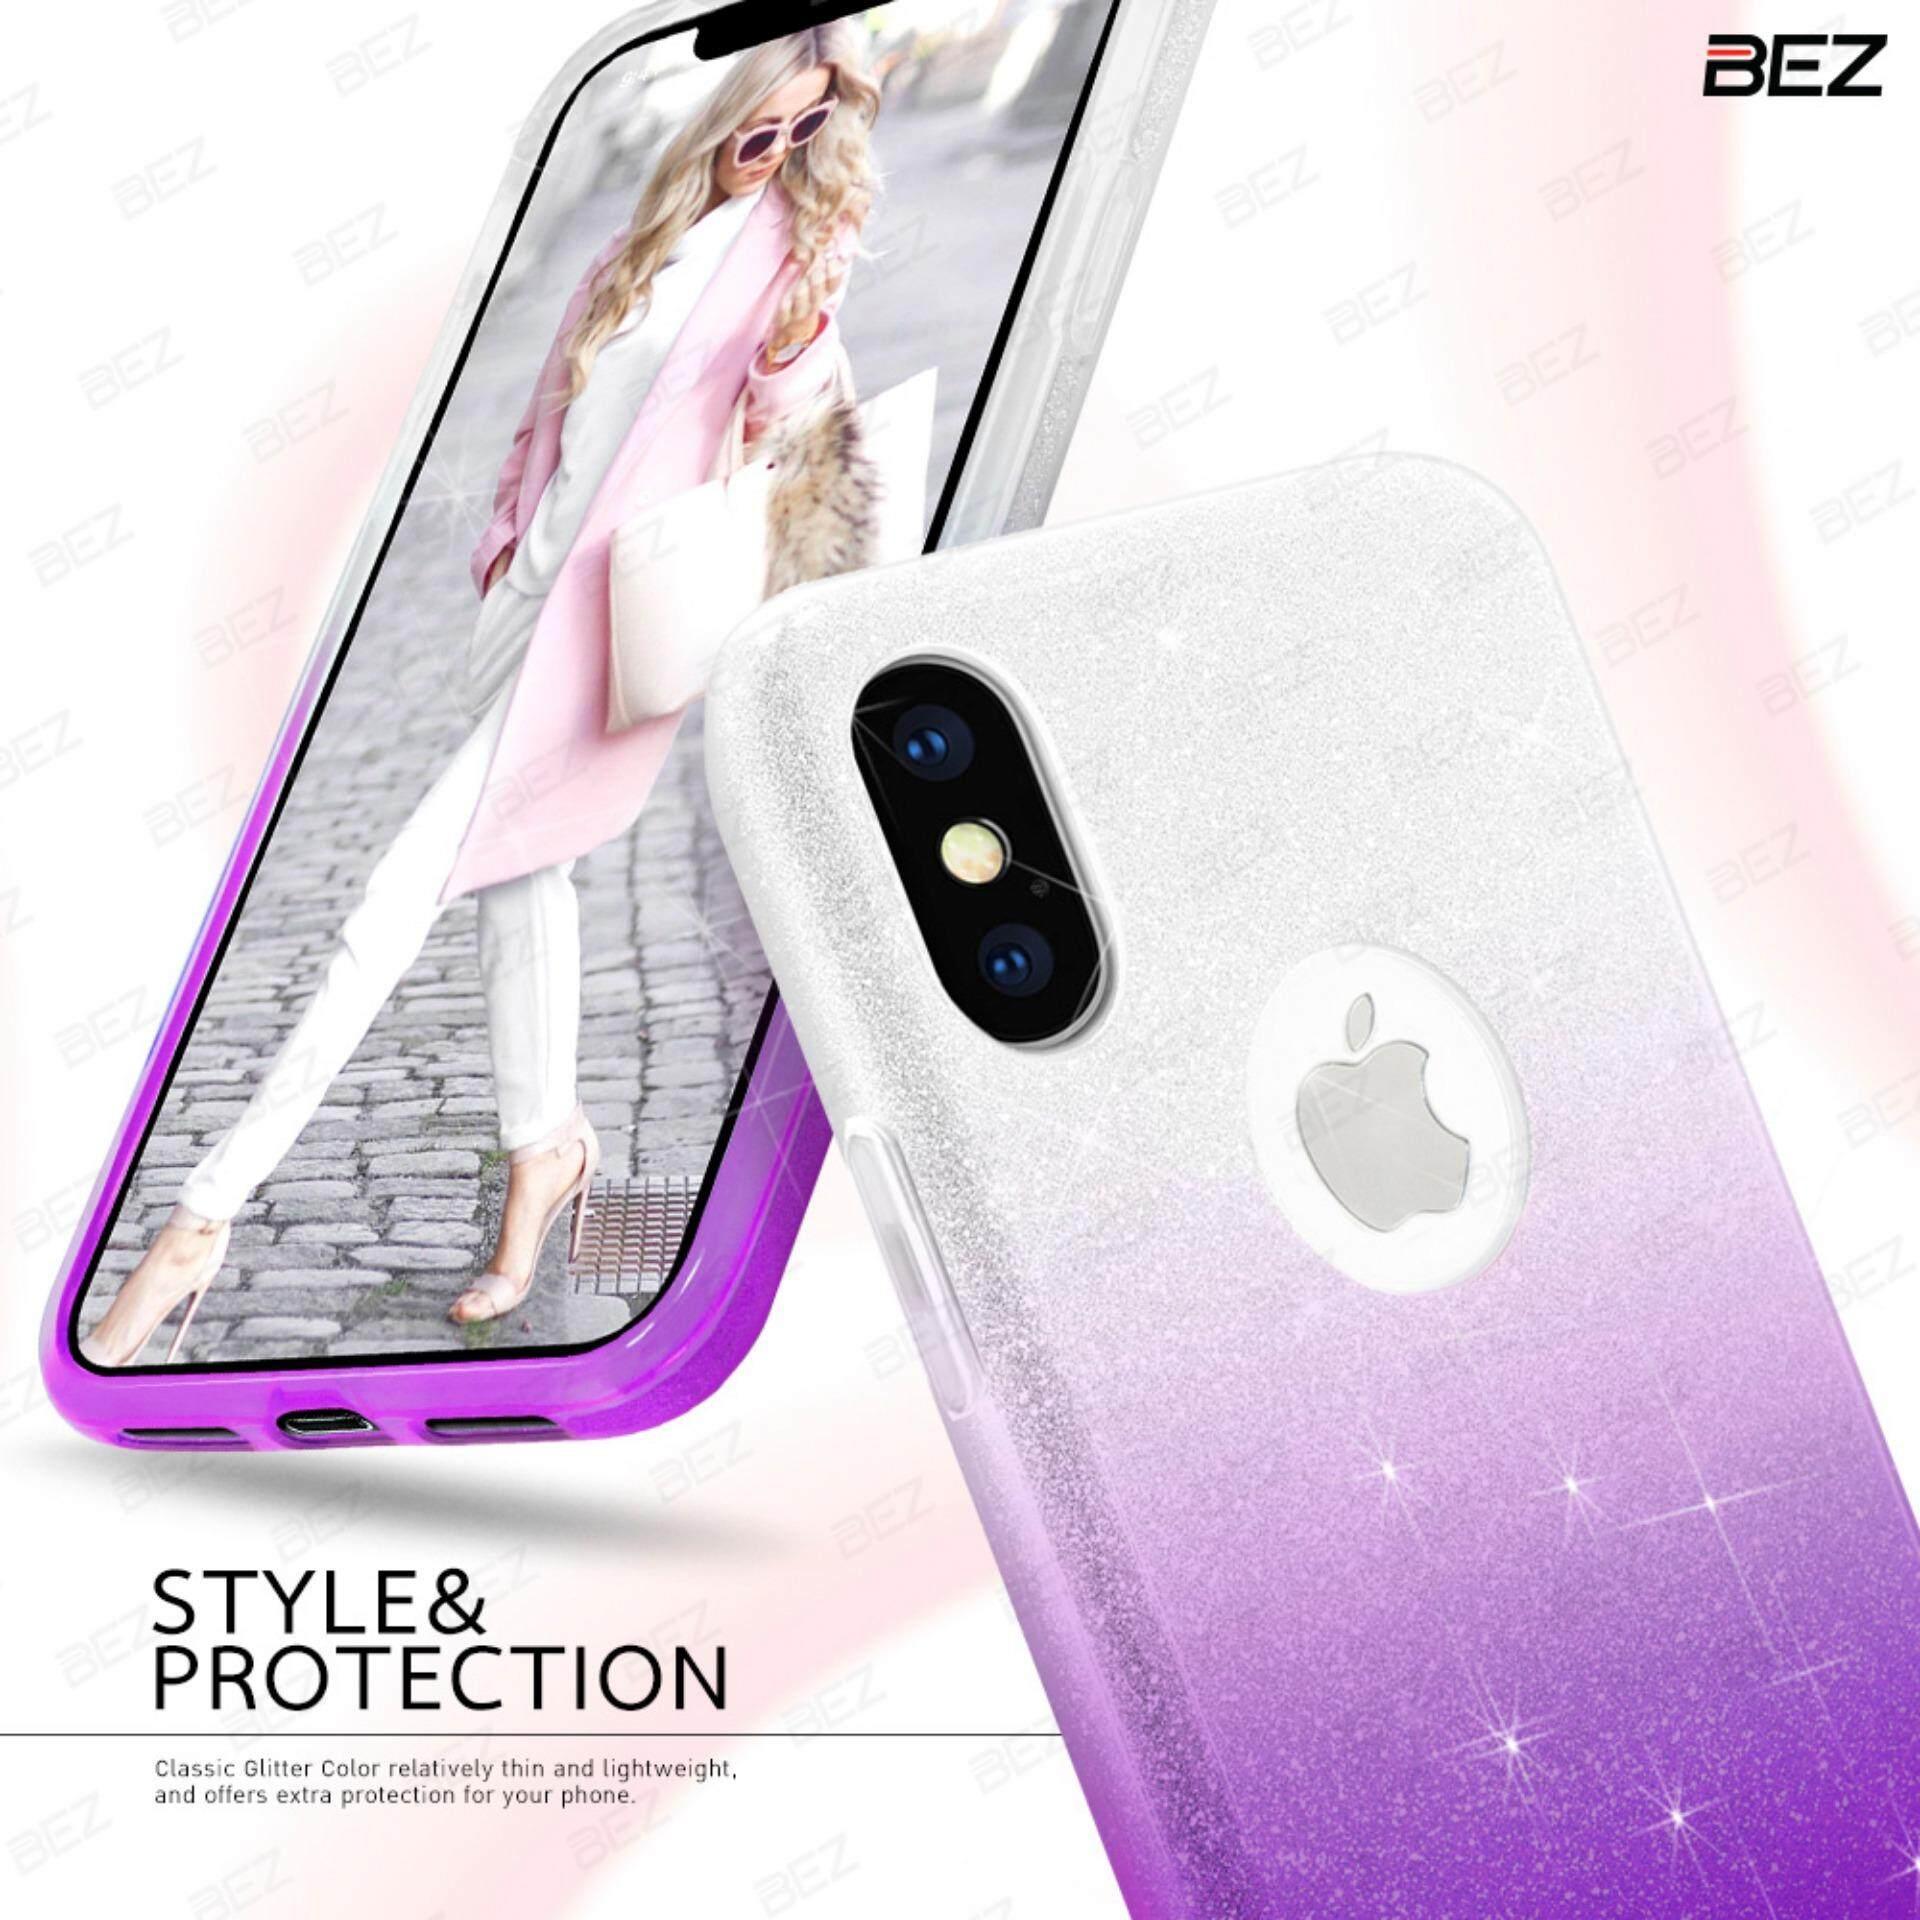 ราคา เคส Iphone X ฟรุ้งฟริ้ง กากเพชร เคสไอโฟน เคสมือถือ เคสฝาหลัง กันกระแทก Bez® Iphone X Glitter Bling Bling Phone Case Jg2 I8X ที่สุด